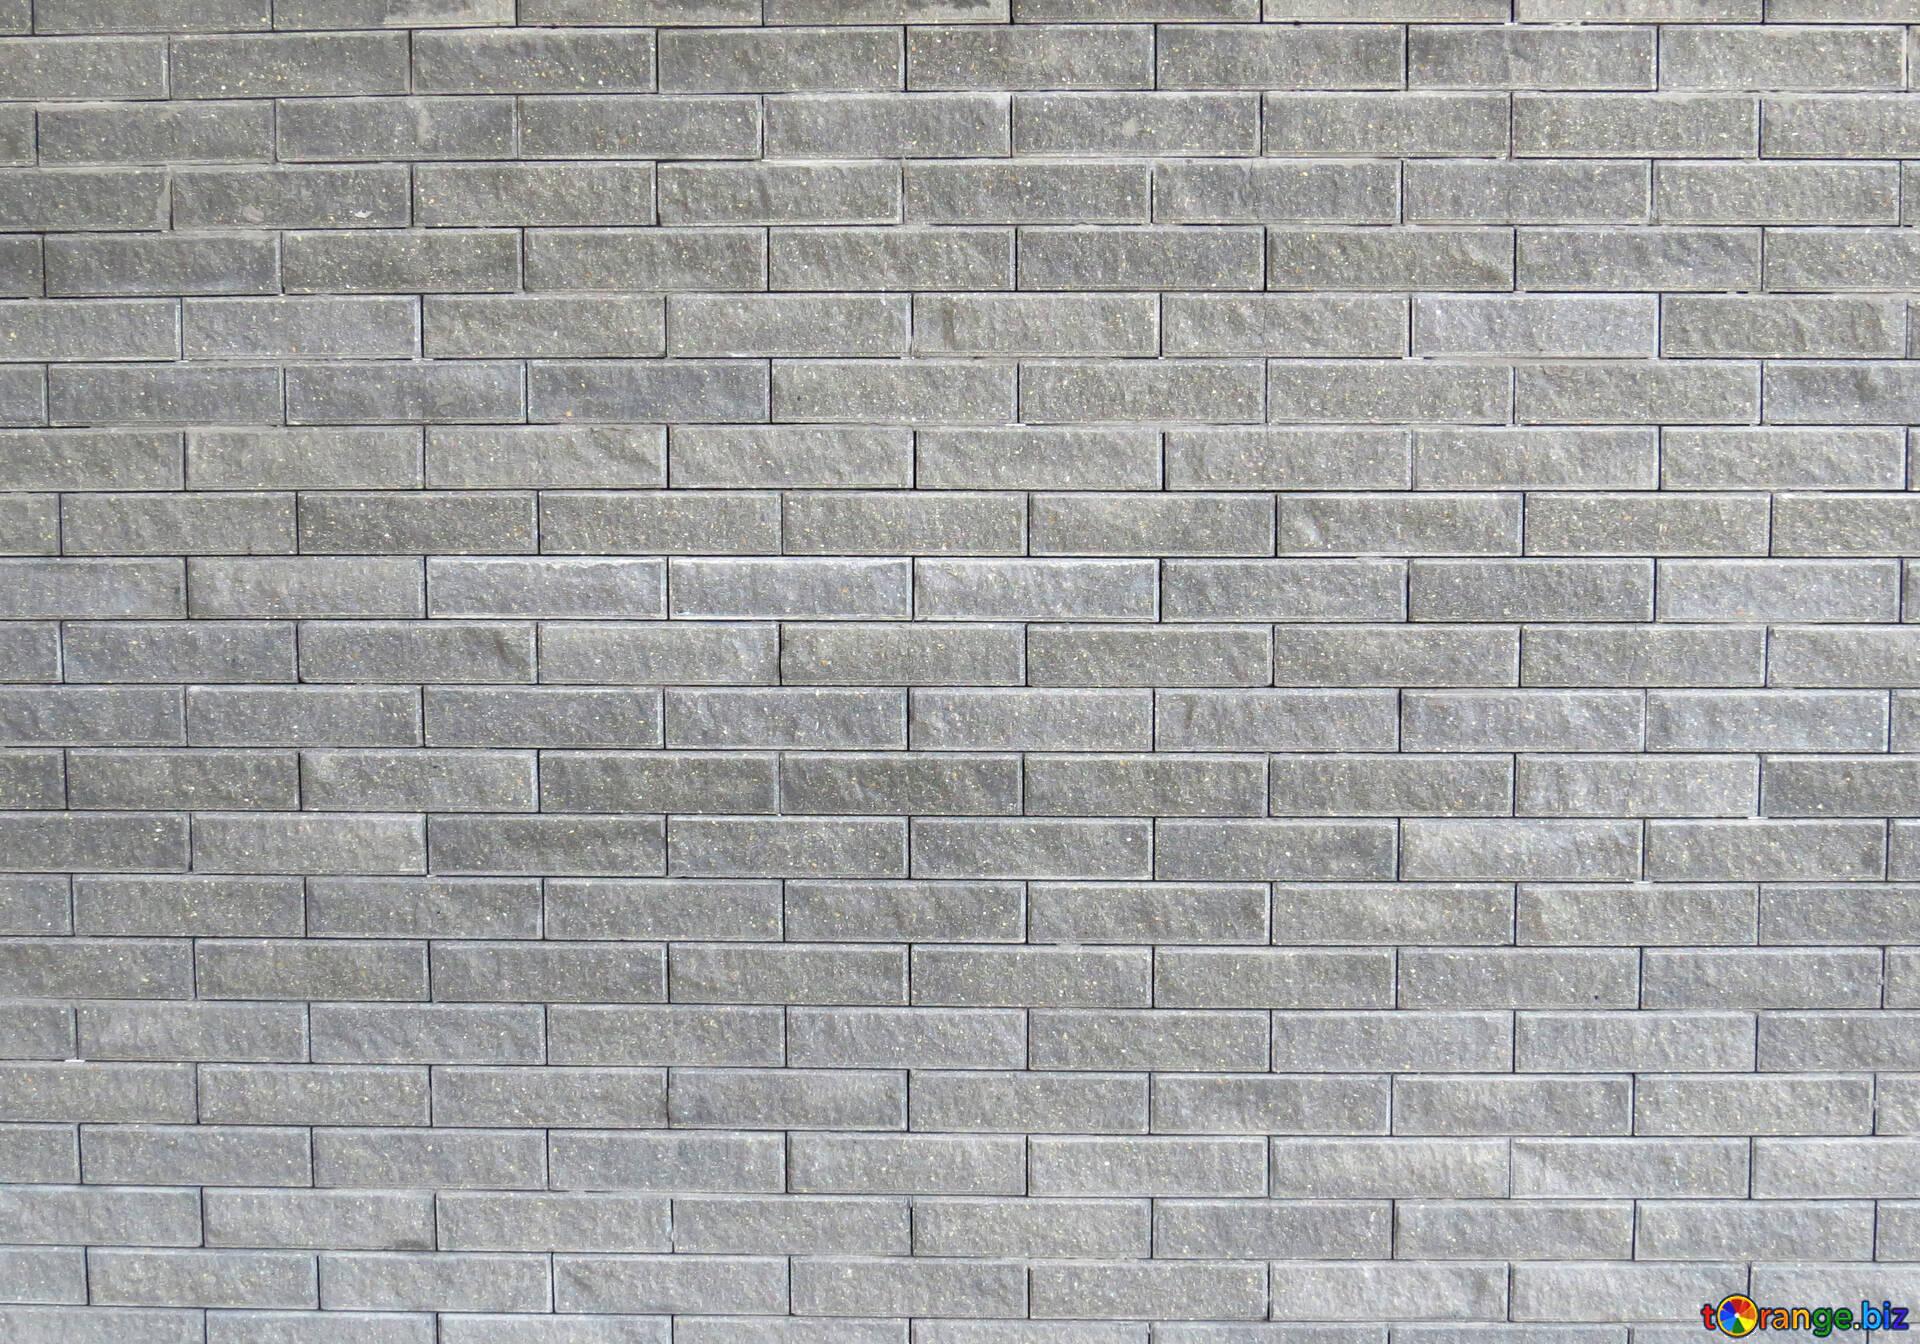 テクスチャのレンガ 灰色のレンガ壁の質感 建設 50483